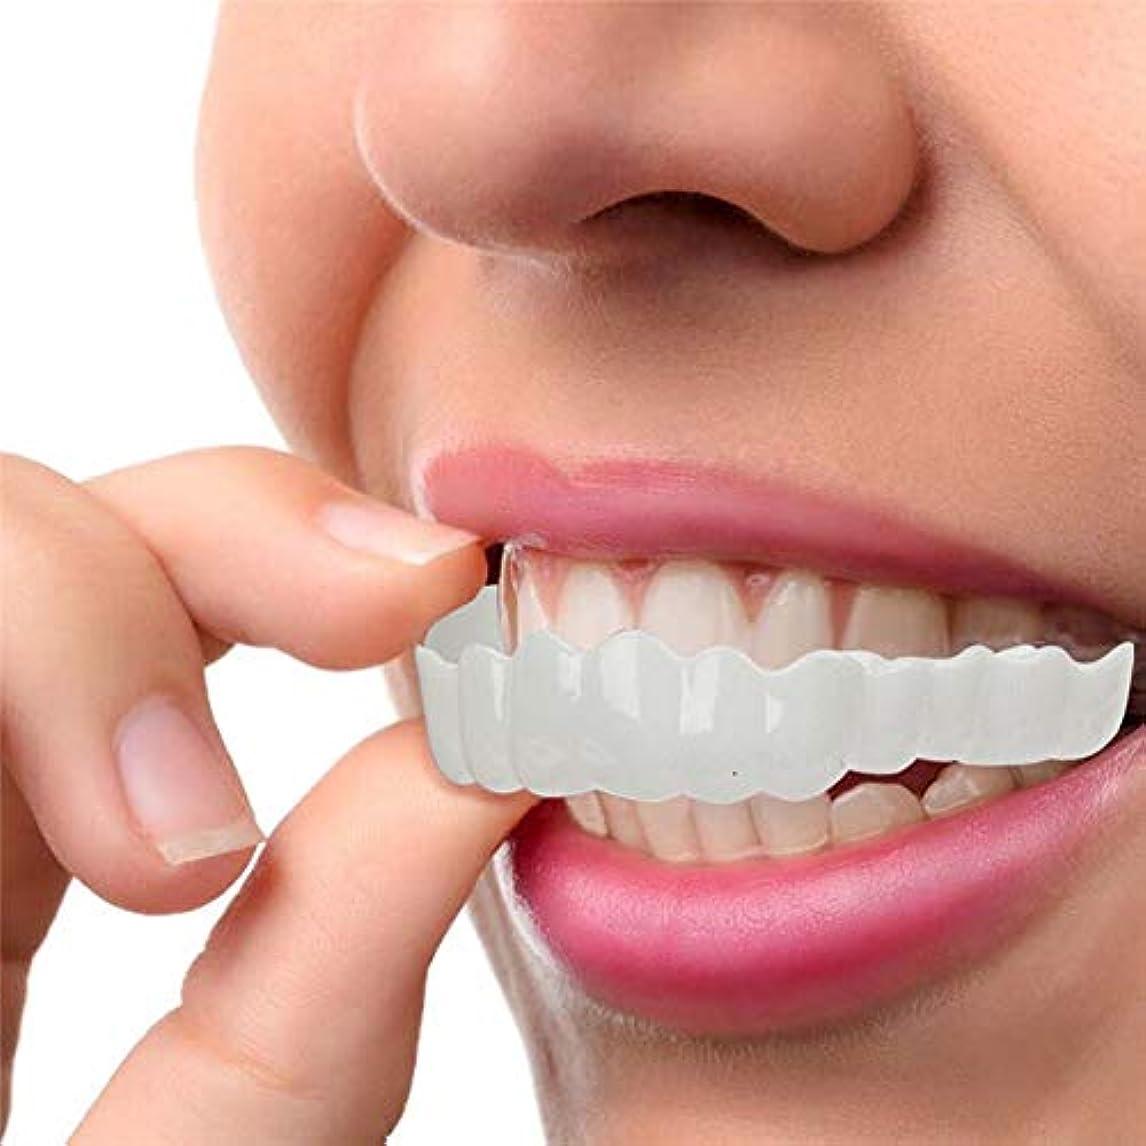 手つかずの更新ちらつき化粧品の歯、白い歯をきれいにするための快適なフィットフレックス歯ソケット、超快適、快適なフィット感、5セット